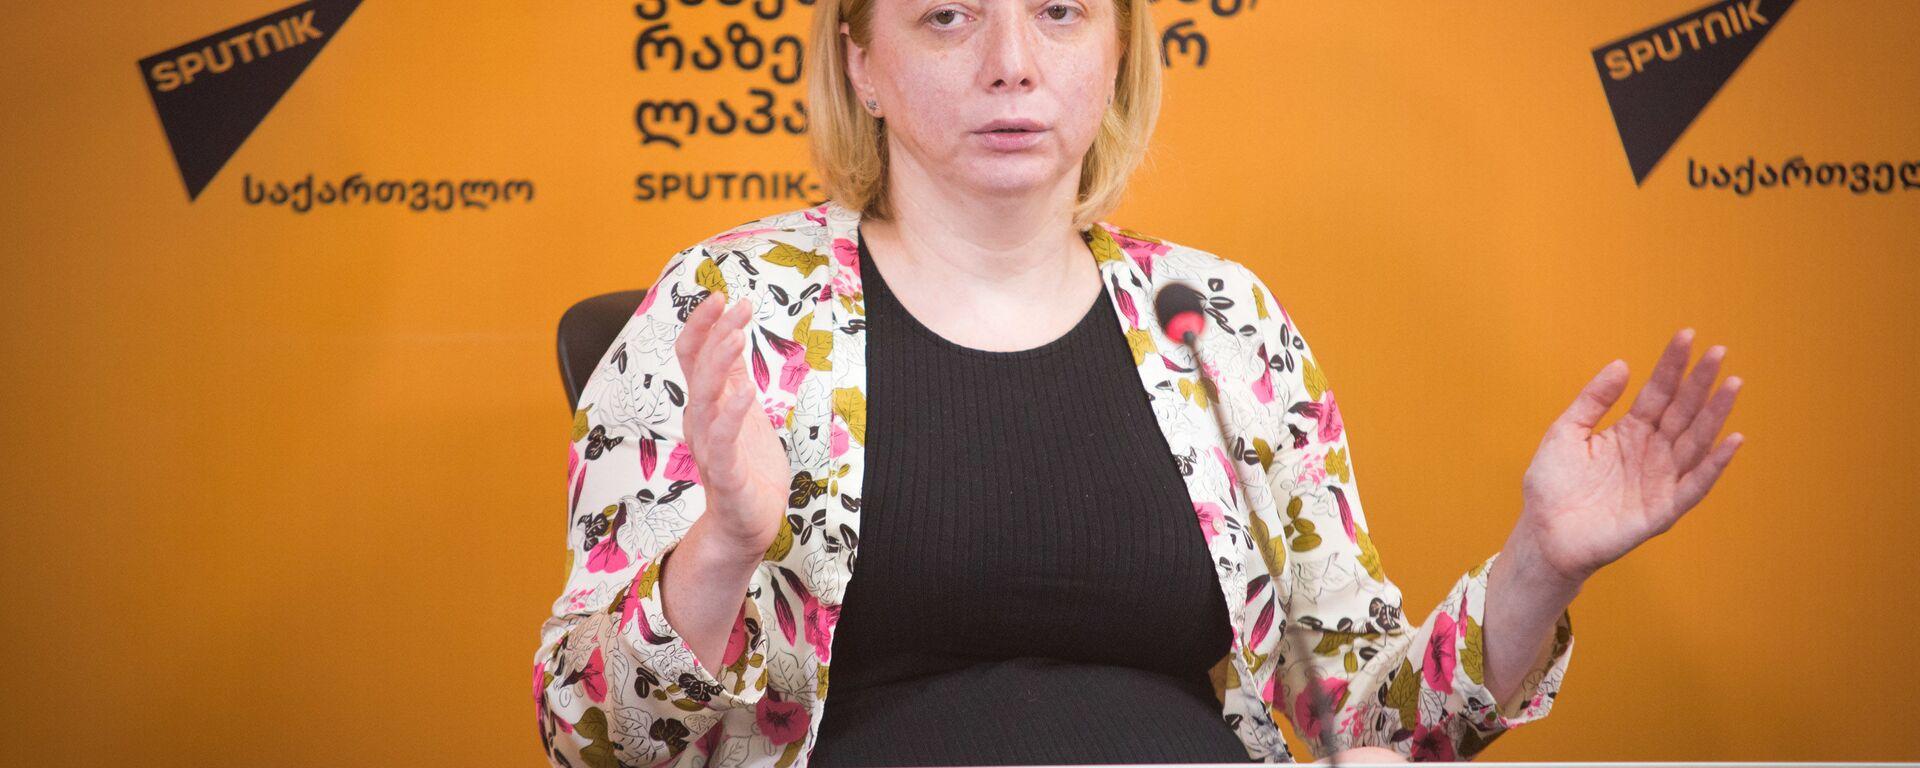 Тея Годоладзе – директор Института изучения Земли и Национального центра сейсмологии  - Sputnik Грузия, 1920, 04.08.2021